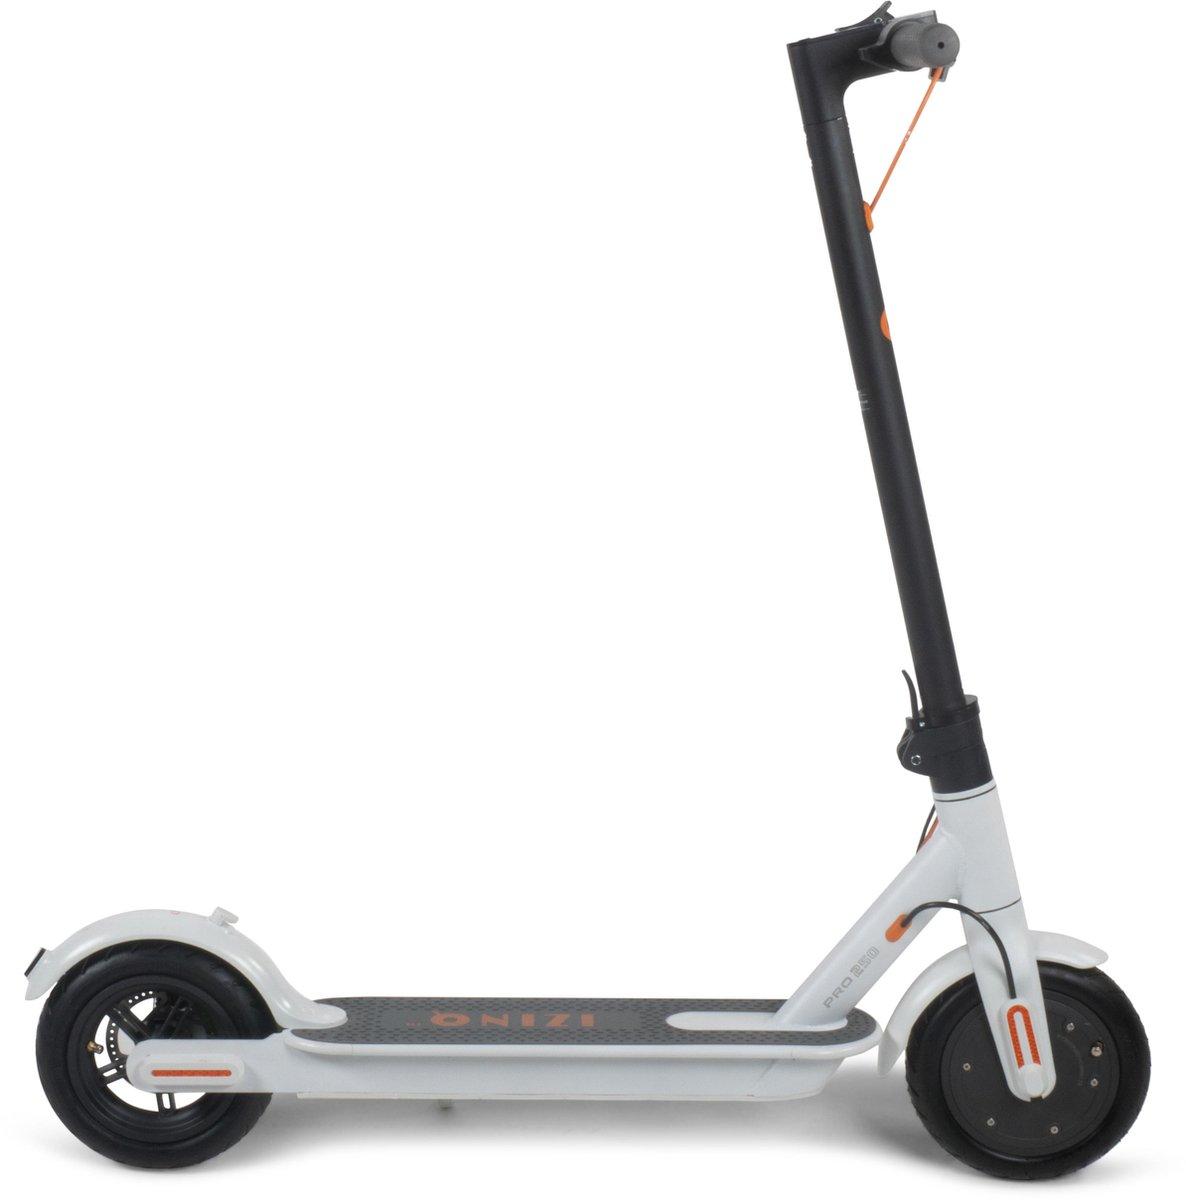 """IZINQ PRO250 - Elektrische step - 8.5"""" (lucht)banden - 2 jaar garantie op lithium 7.8Ah 36V accu - iOS/Android app - Wit/Oranje - 25km/u - Electric scooter - Volwassenen en kinderen"""